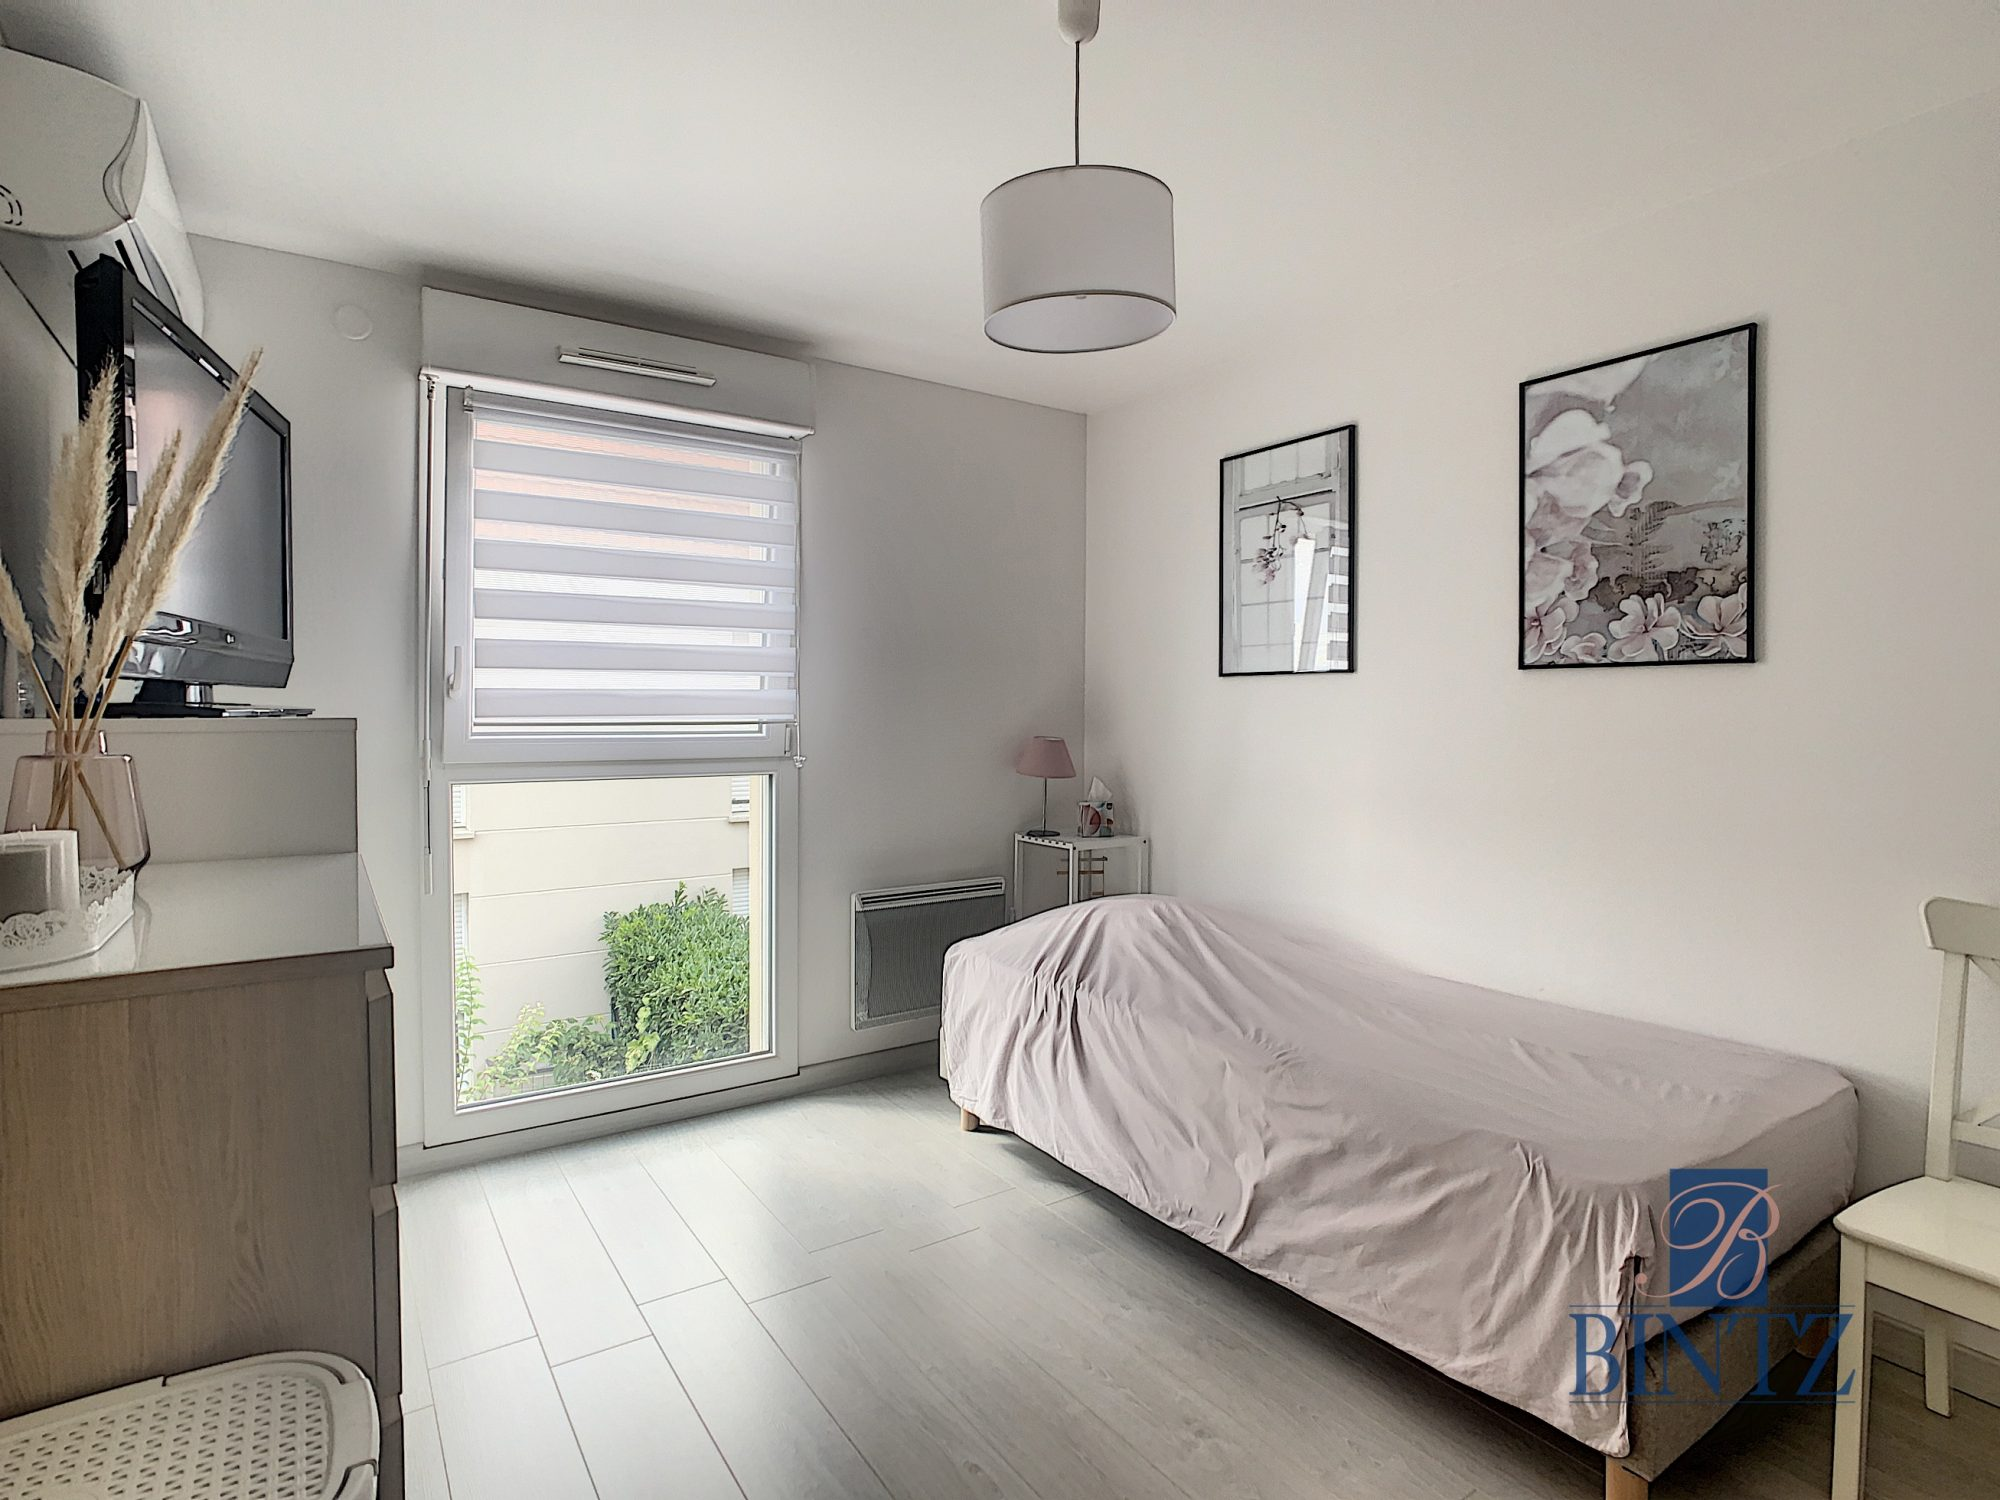 Appartement 4 pièces Duplex rez-de-jardin - Devenez propriétaire en toute confiance - Bintz Immobilier - 14